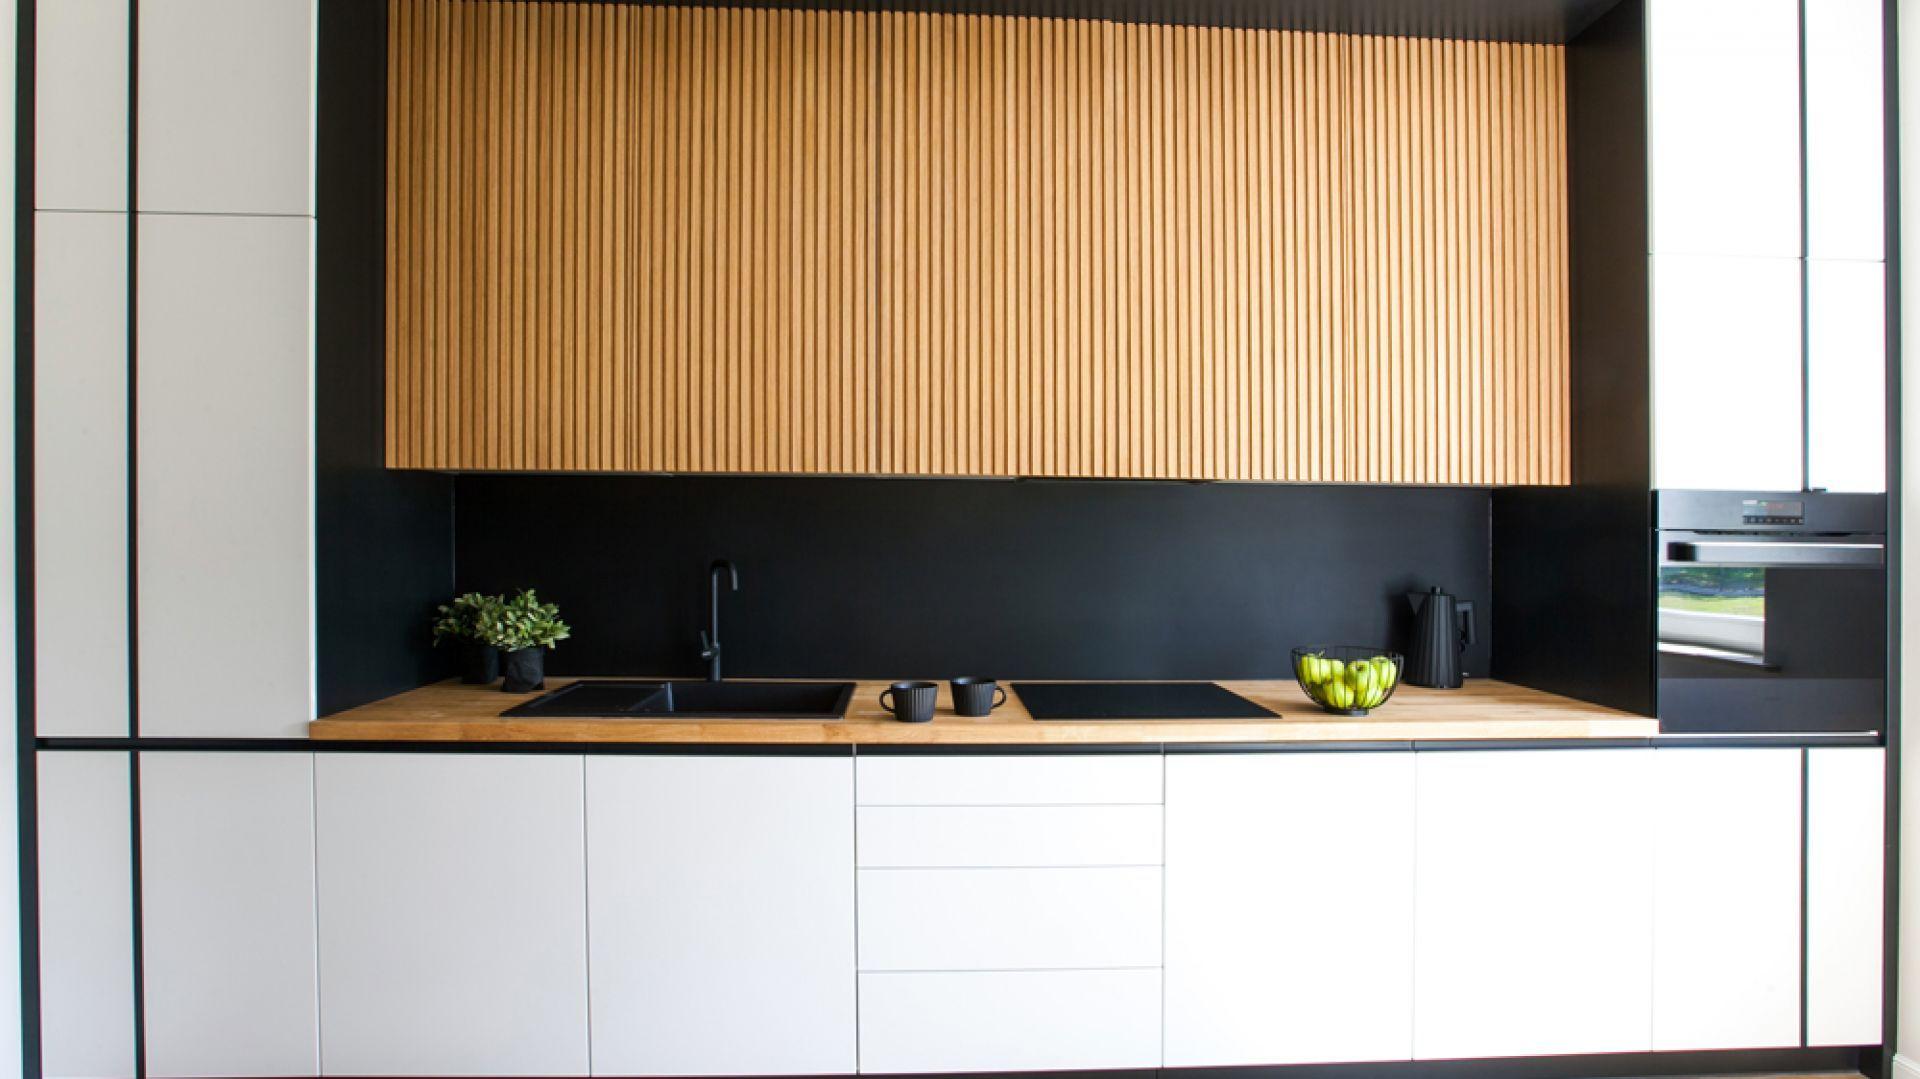 Czarne szkło nad kuchennych blatem oraz białą zabudowę piękne ocieplają frezy na drewnianych szafkach wiszących.  Projekt: Sandra Maculewicz. Fot. Łukasz Pepol